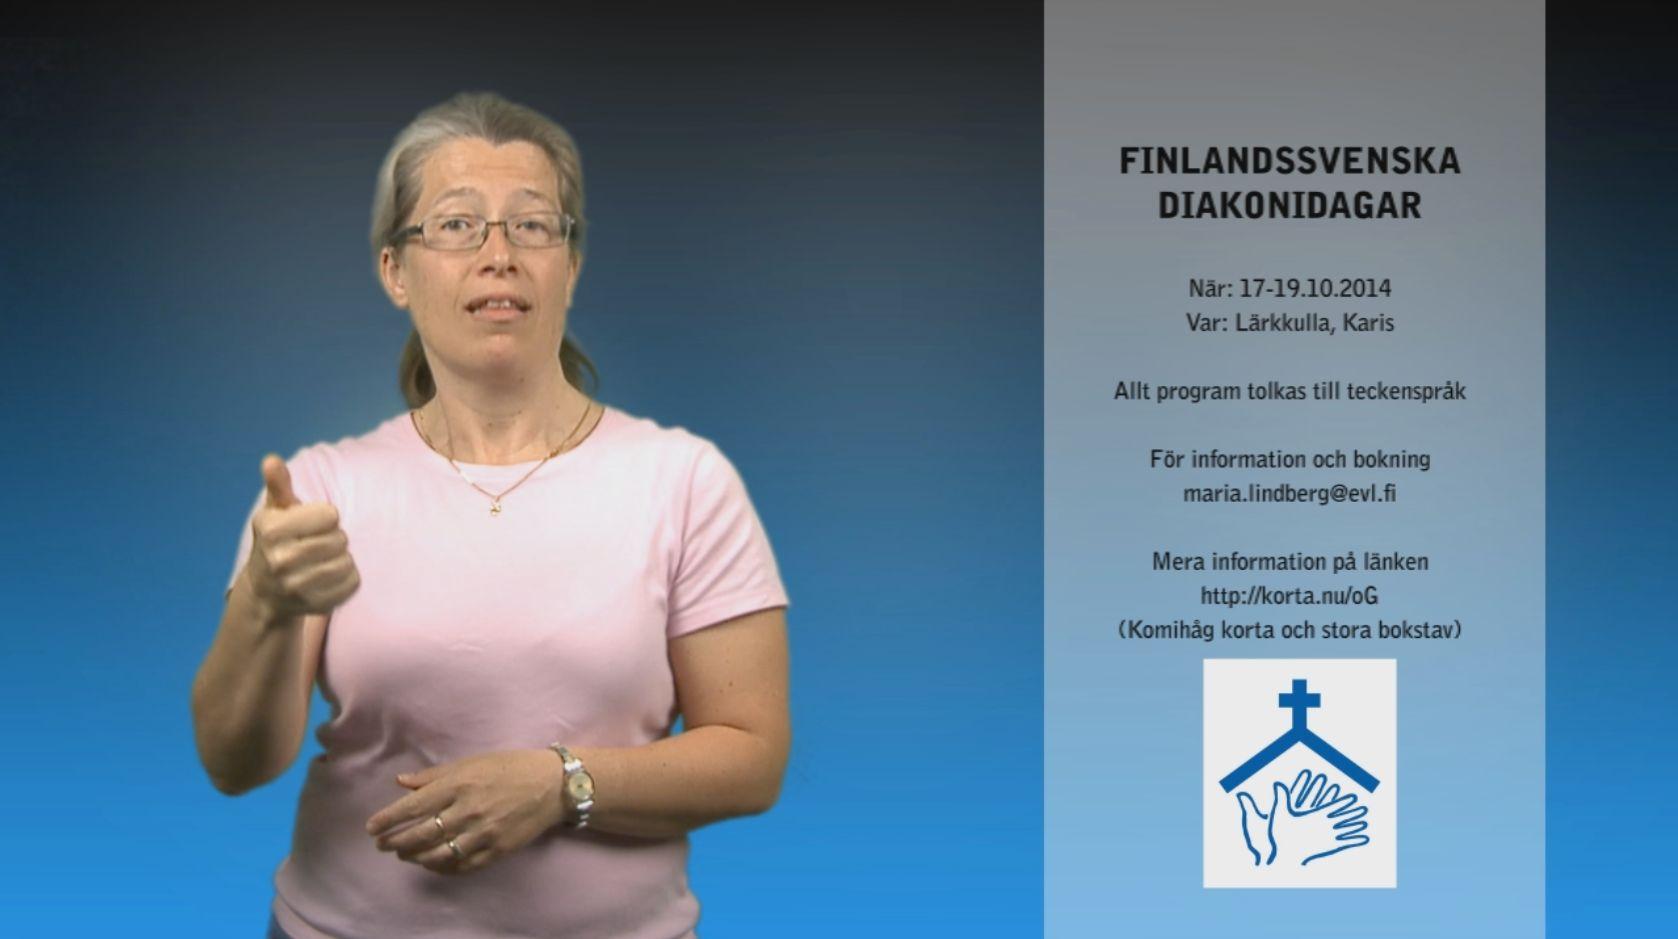 Finlandssvenska diakoniadagar